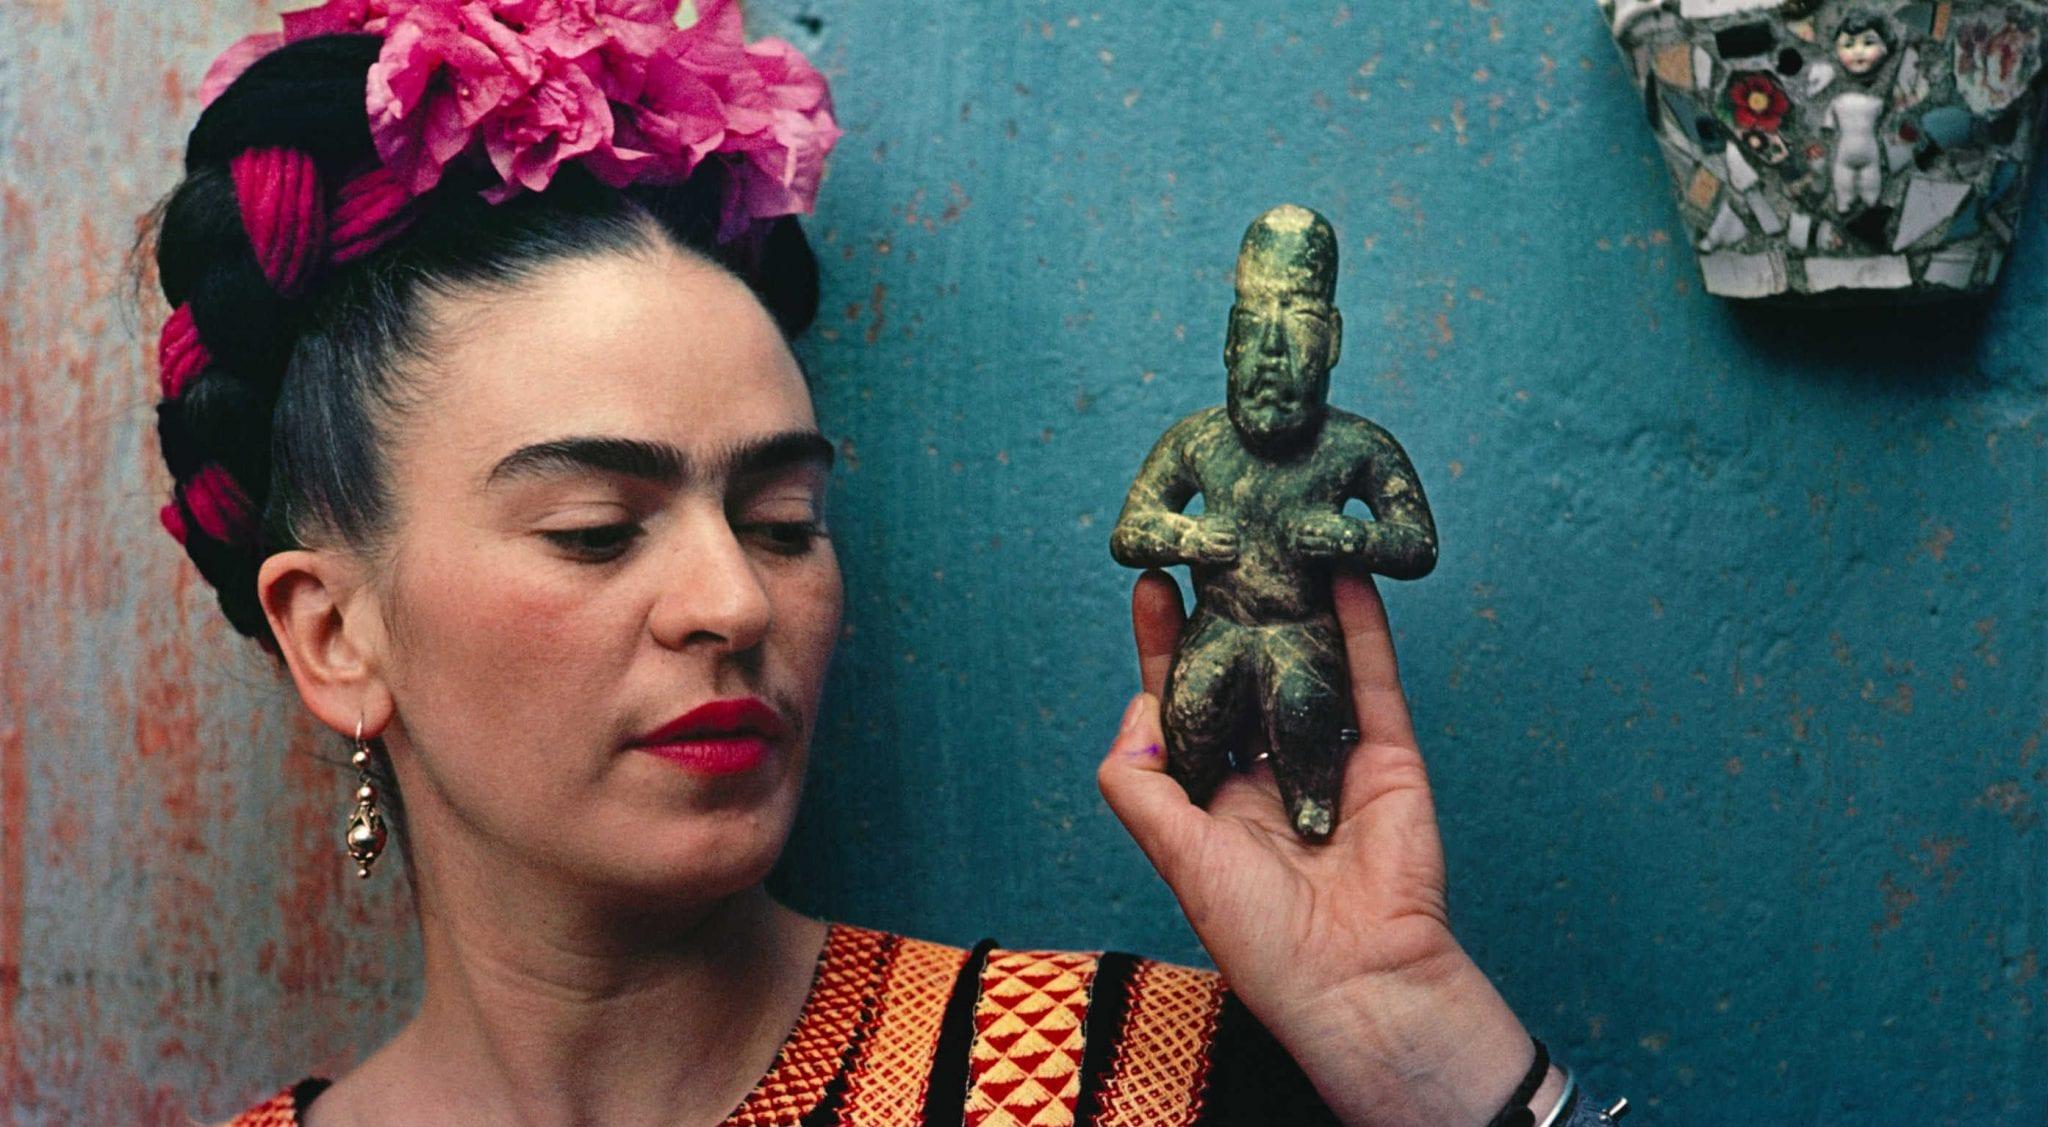 Caos dentro. Il ritorno di Frida Kahlo a Milano. La vita, l'arte, lo spirito dell'icona messicana in mostra